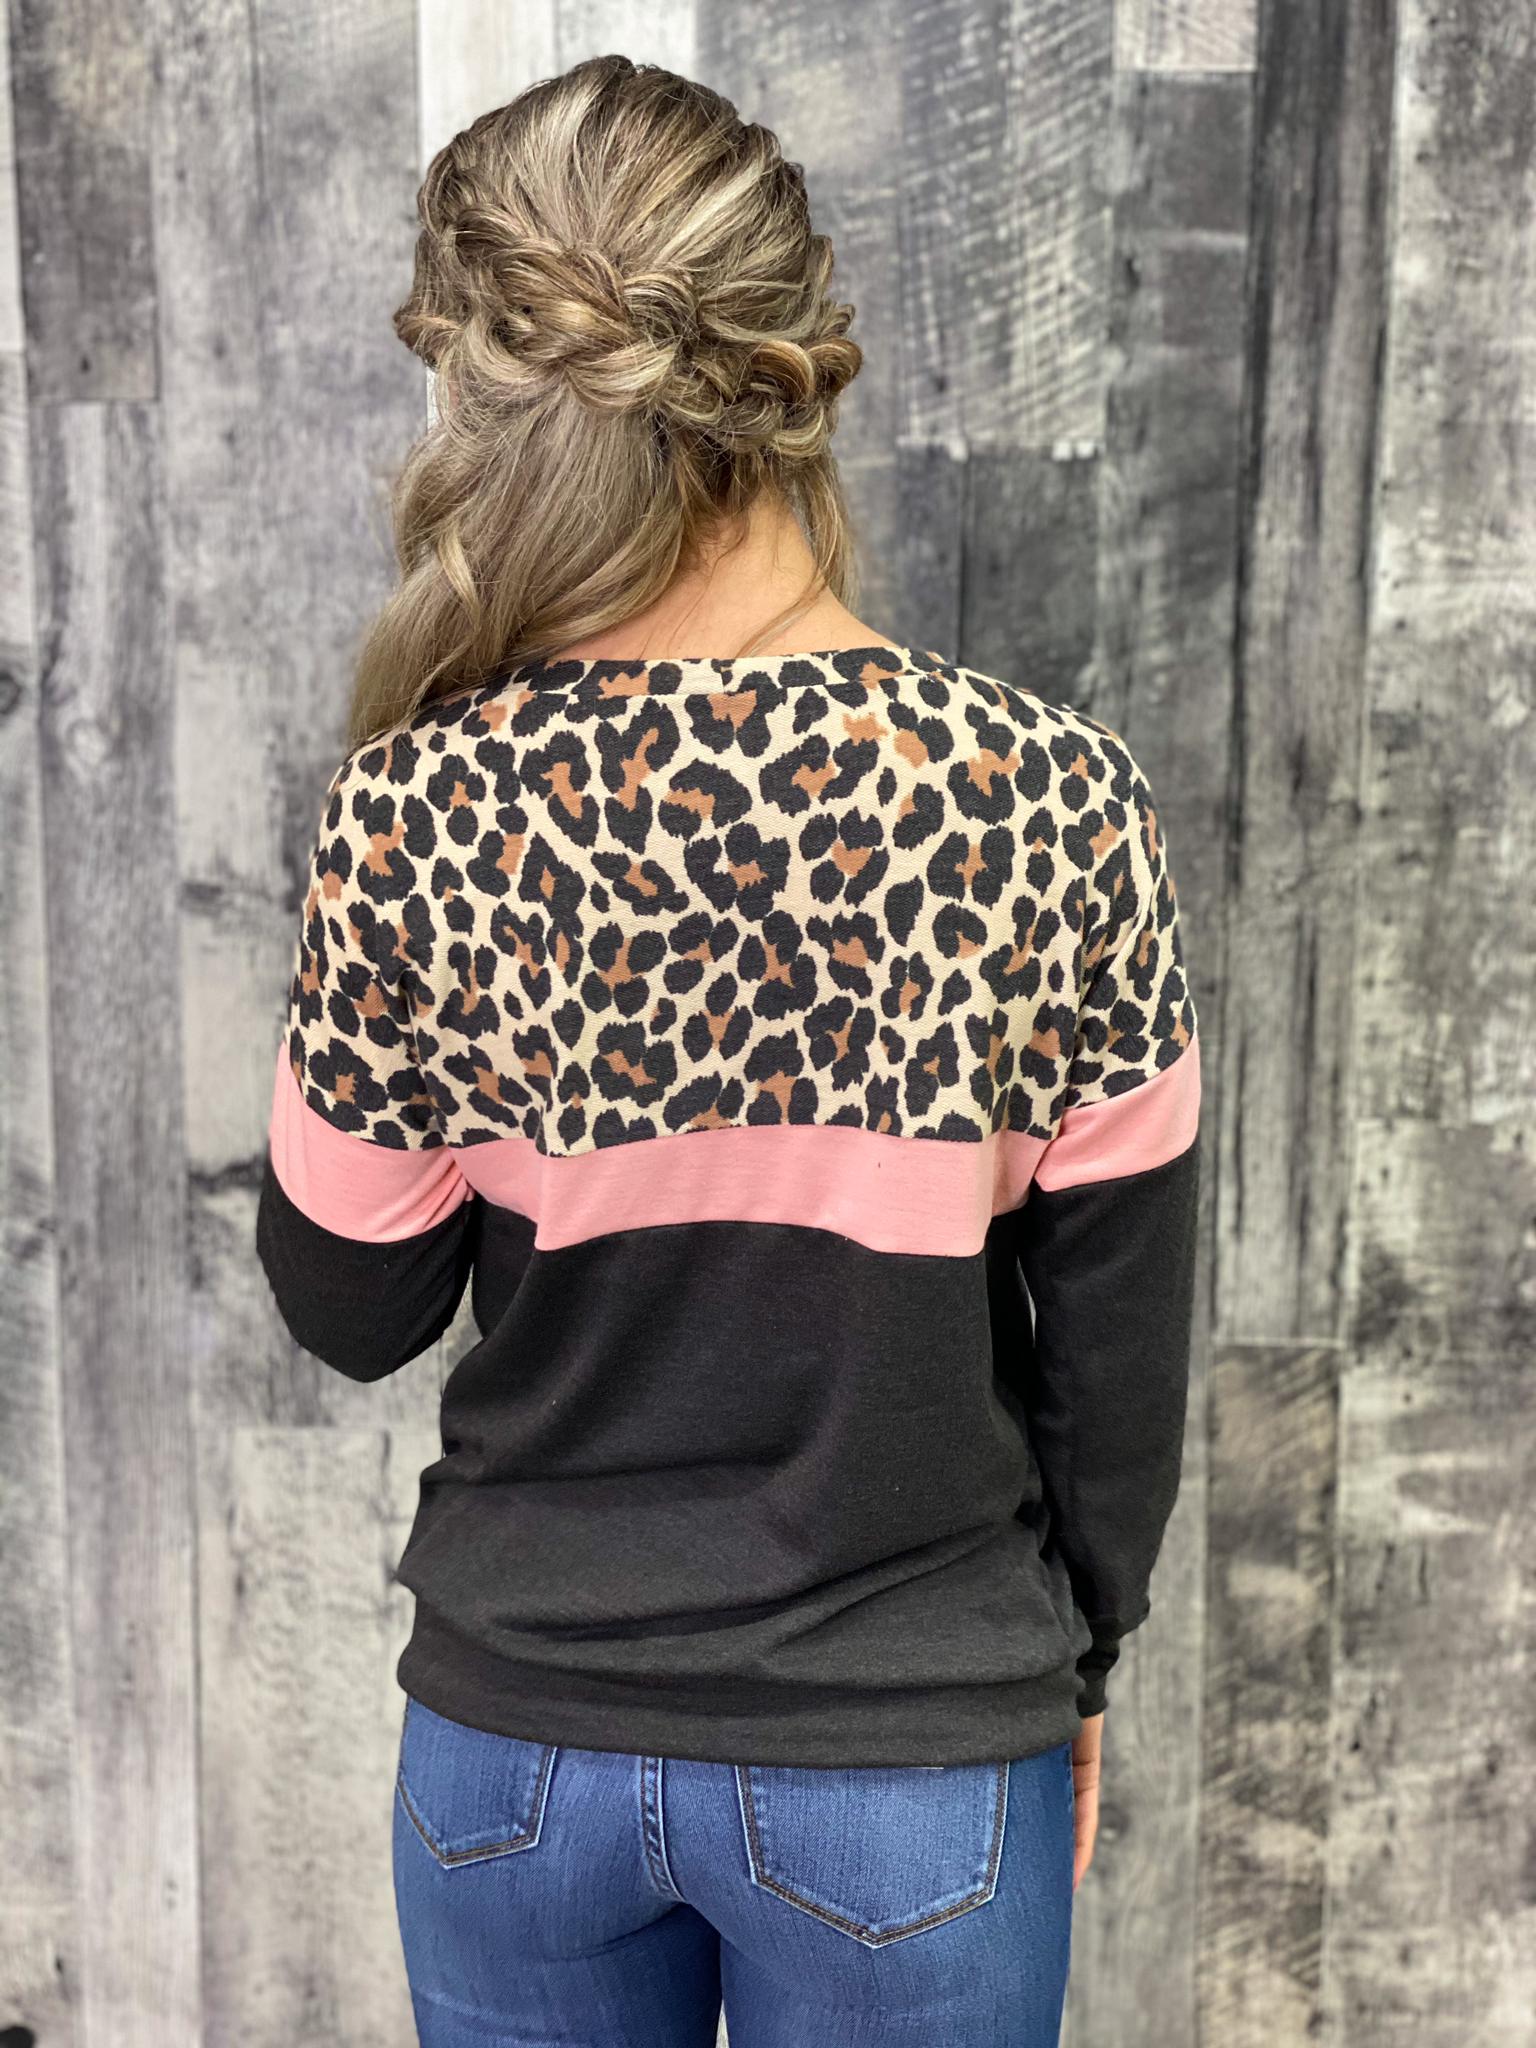 Charcoal/Pink/Leopard Color Block Lightweight Sweatshirt